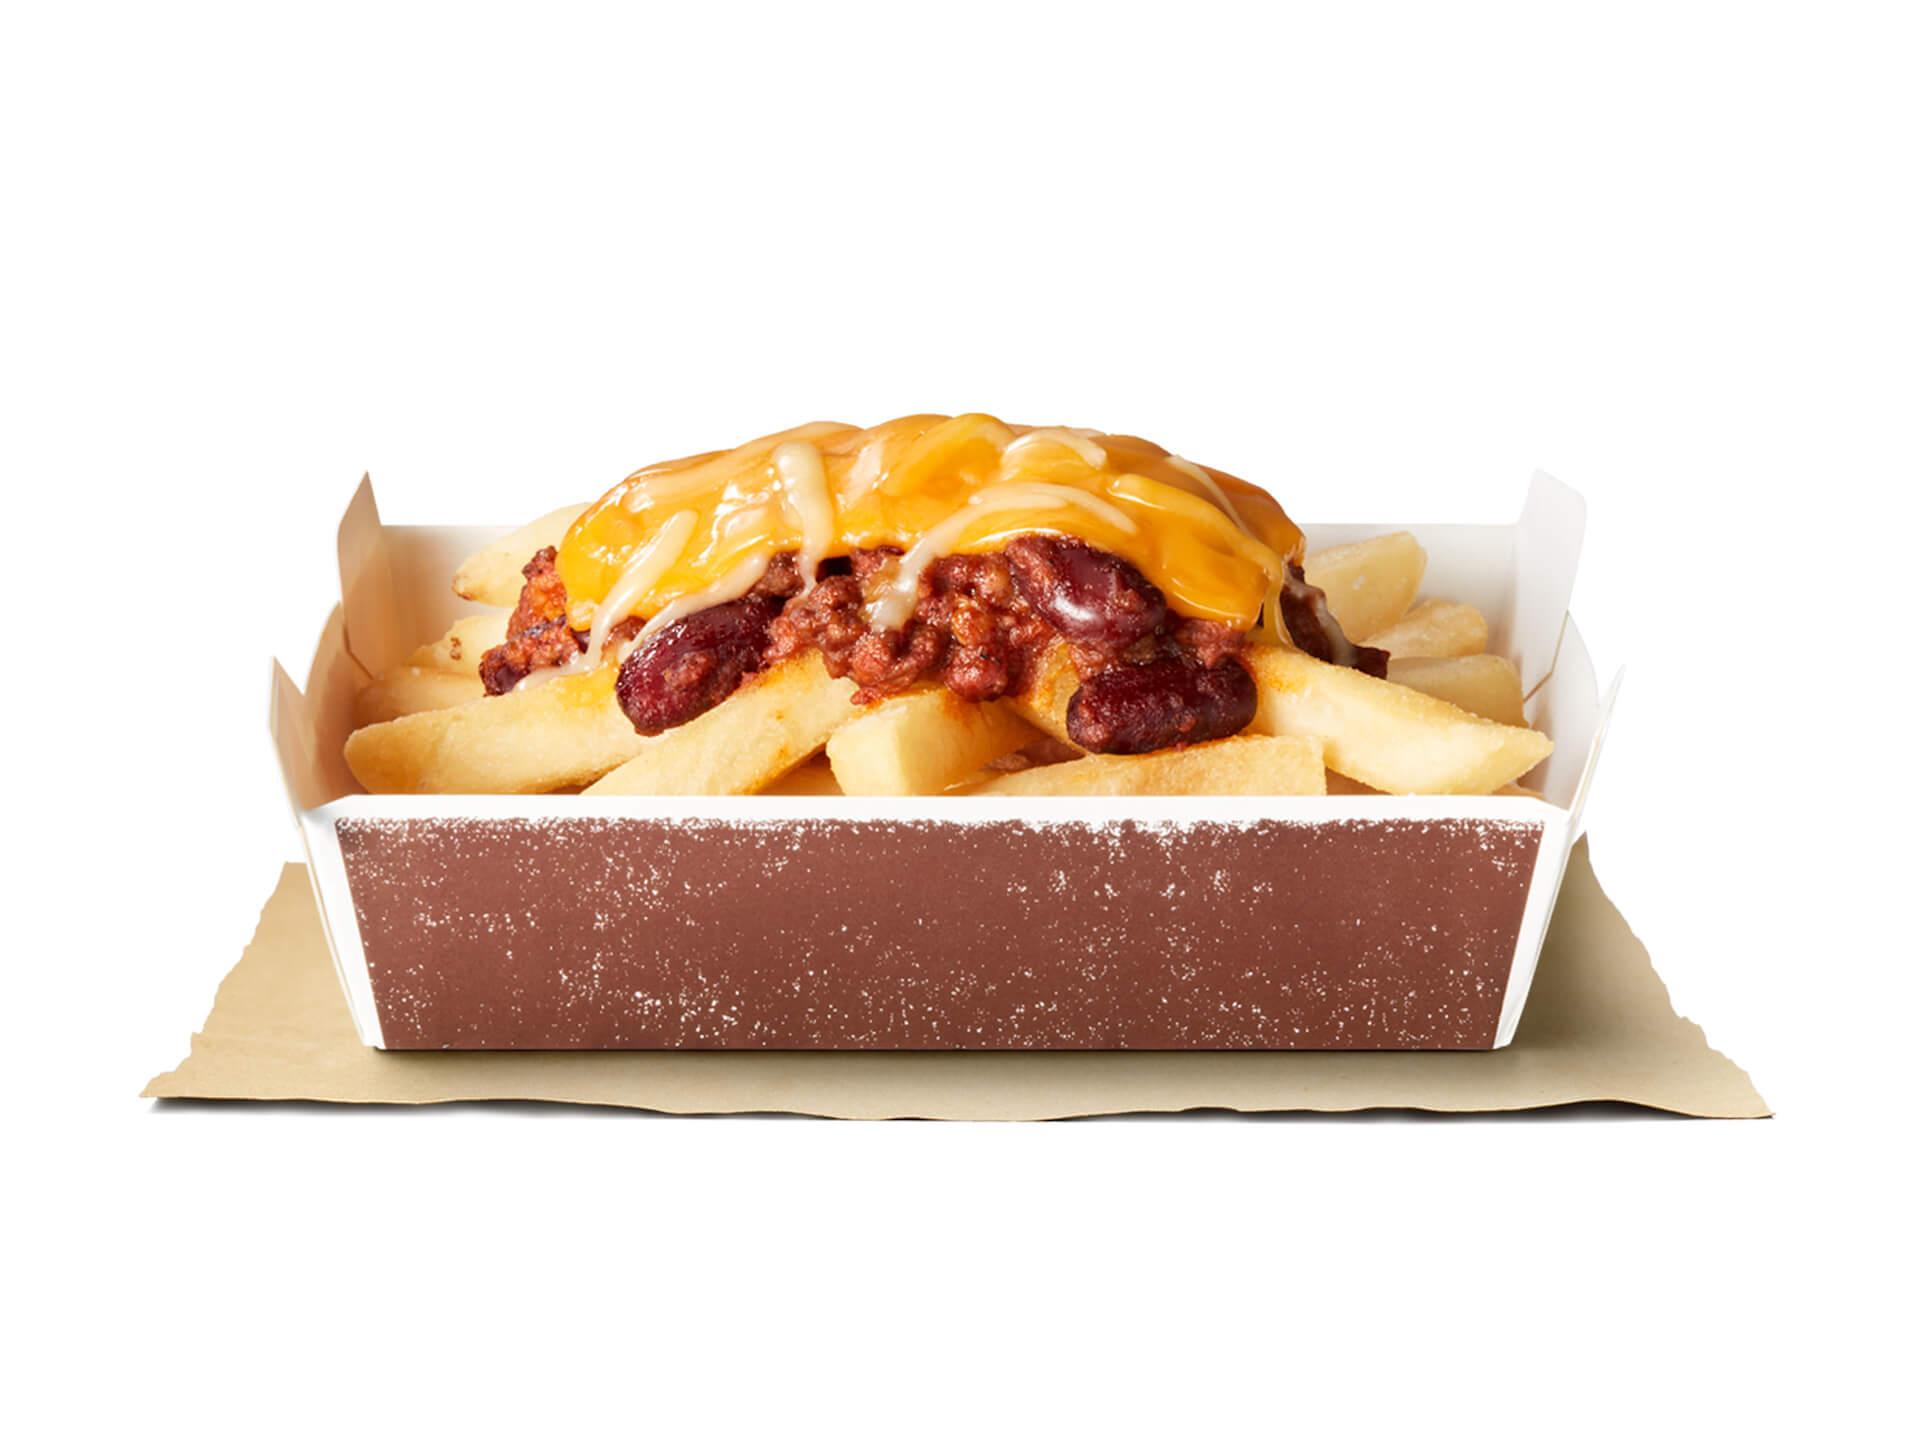 バーガーキングにチリビーンズソースとチーズのハーモニー抜群な『チリ・キングドッグ』が新登場!人気デザート『サンデー』が期間限定で120円に gourmet200904_burgerking_1